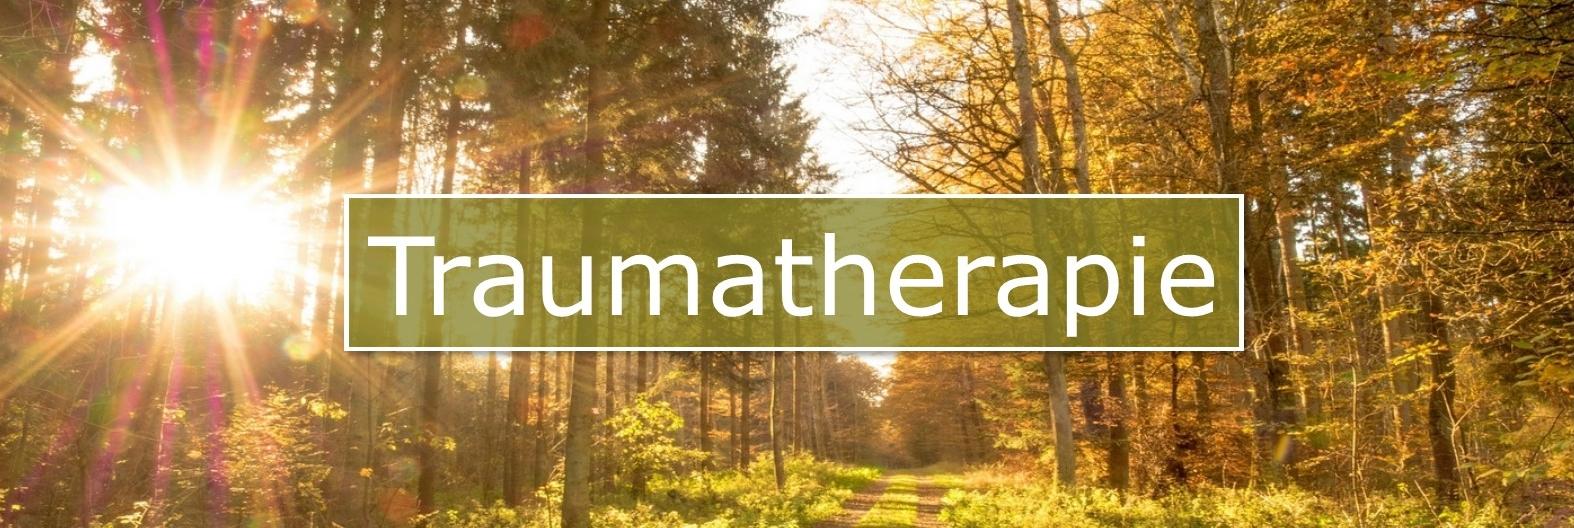 Traumatherapie Somatic Experiencing in Havelterberg, Steenwijk, Meppel, Overijssel bij Sylvia van der Laan